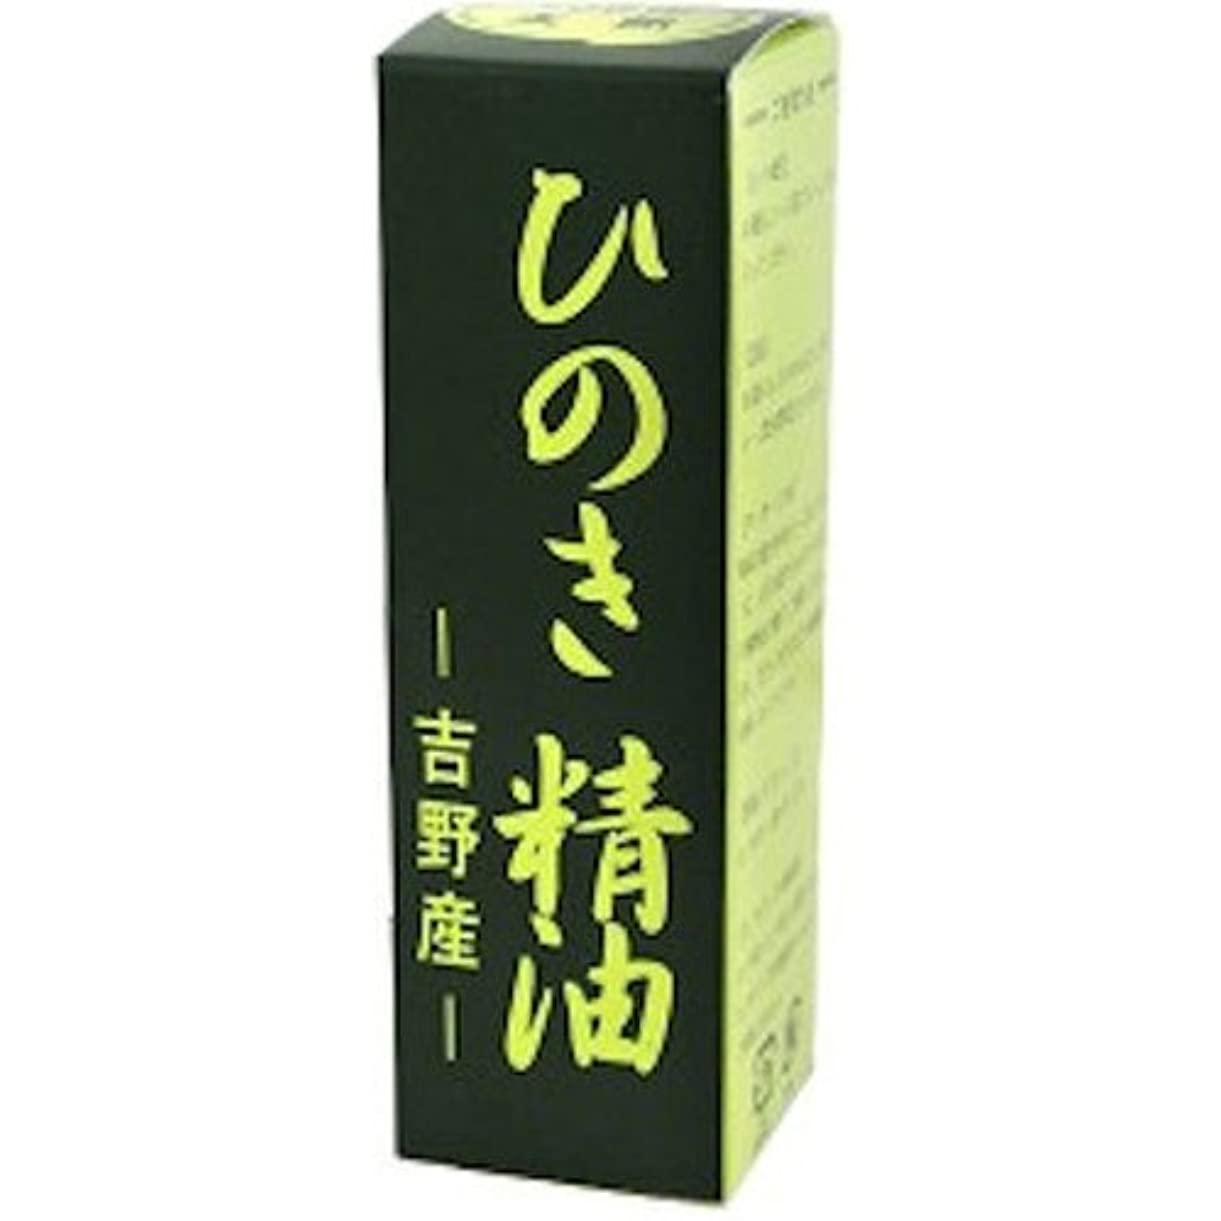 層散る歴史的吉野ひのき精油(エッセンスオイル) 30ml